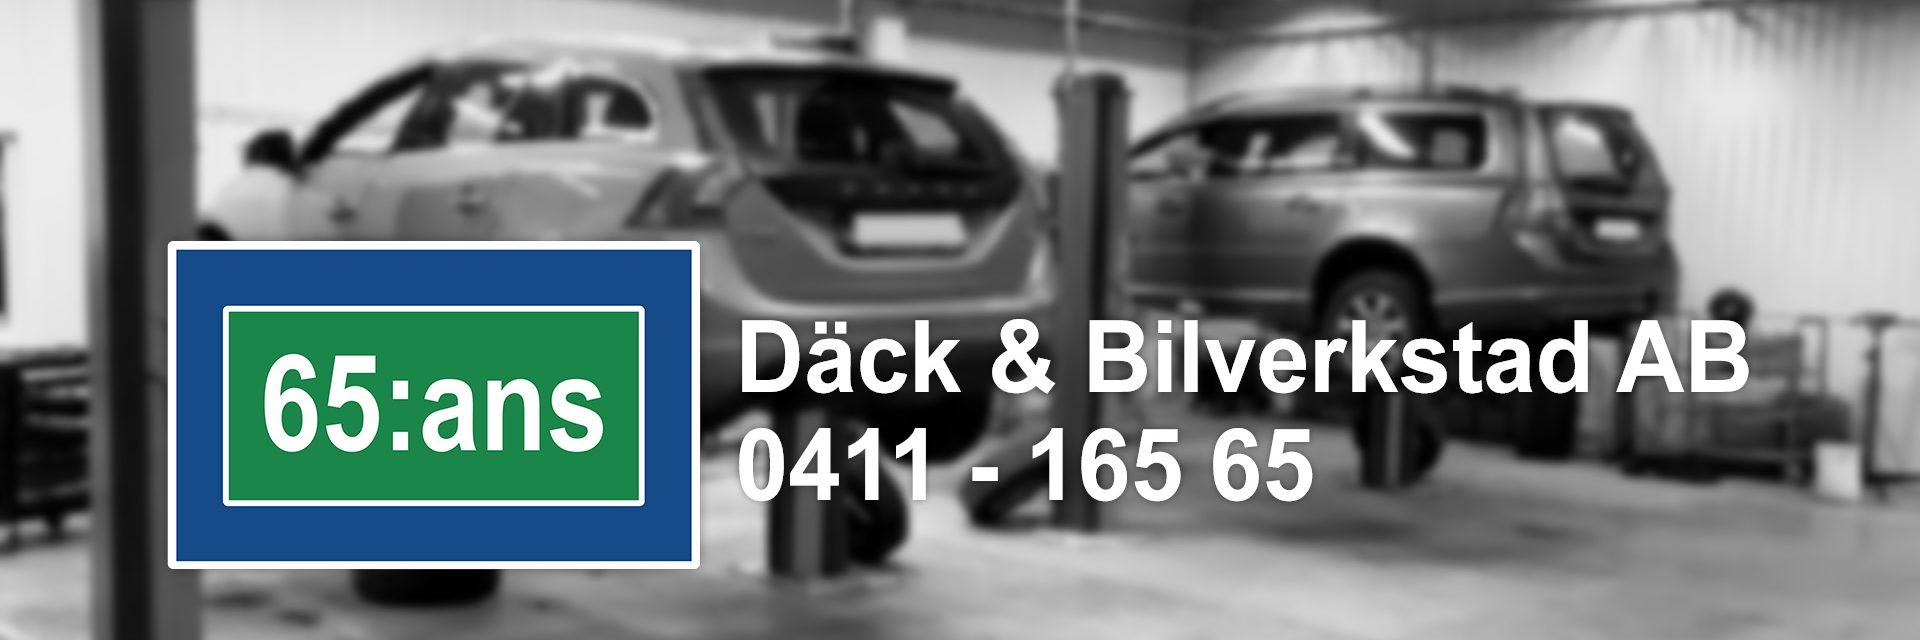 65:ans Däck & Bilverkstad AB